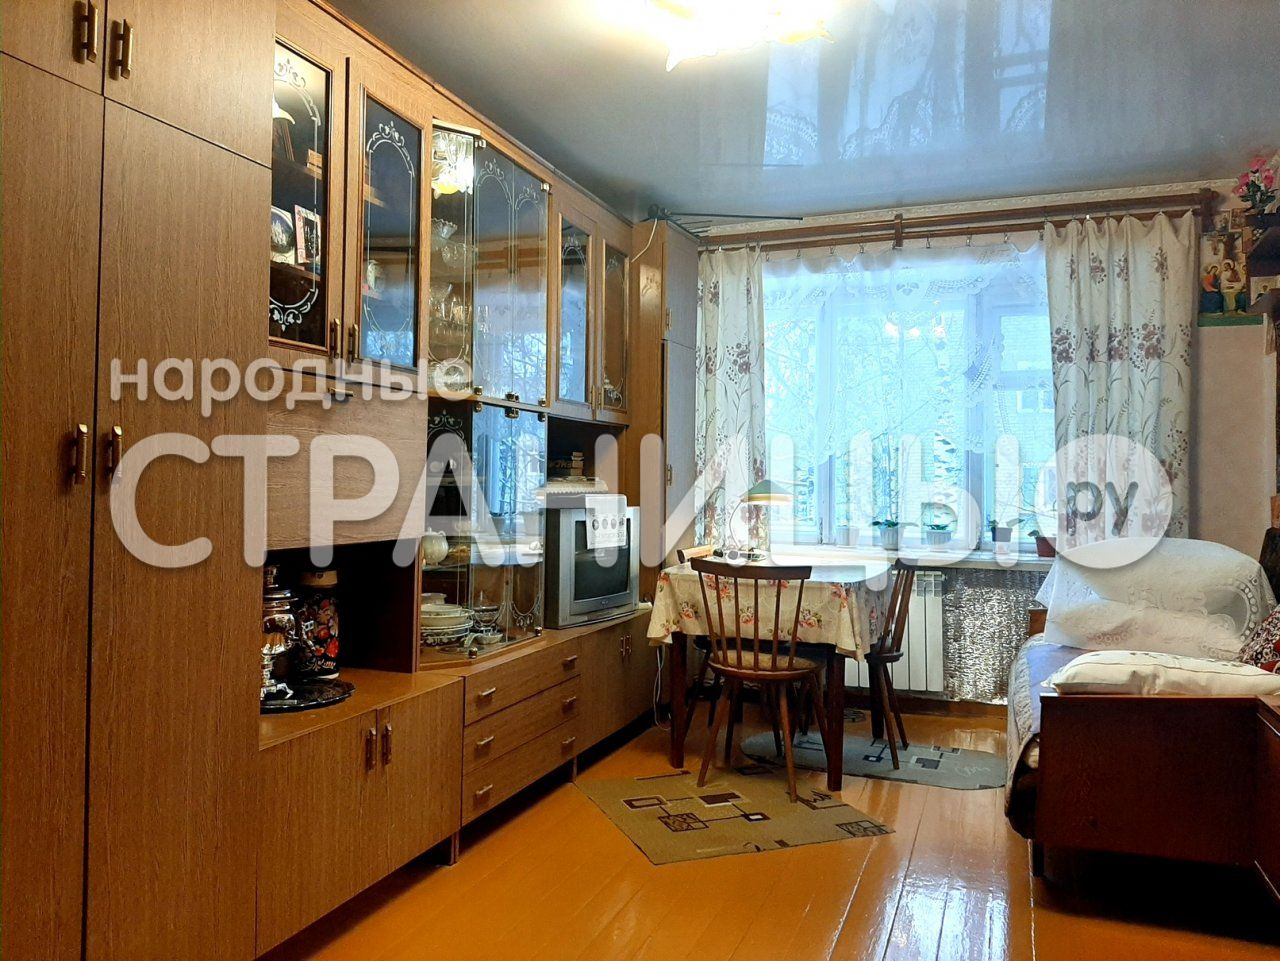 Комната в 5-к кв. 3 этаж, 97.0 кв.м.